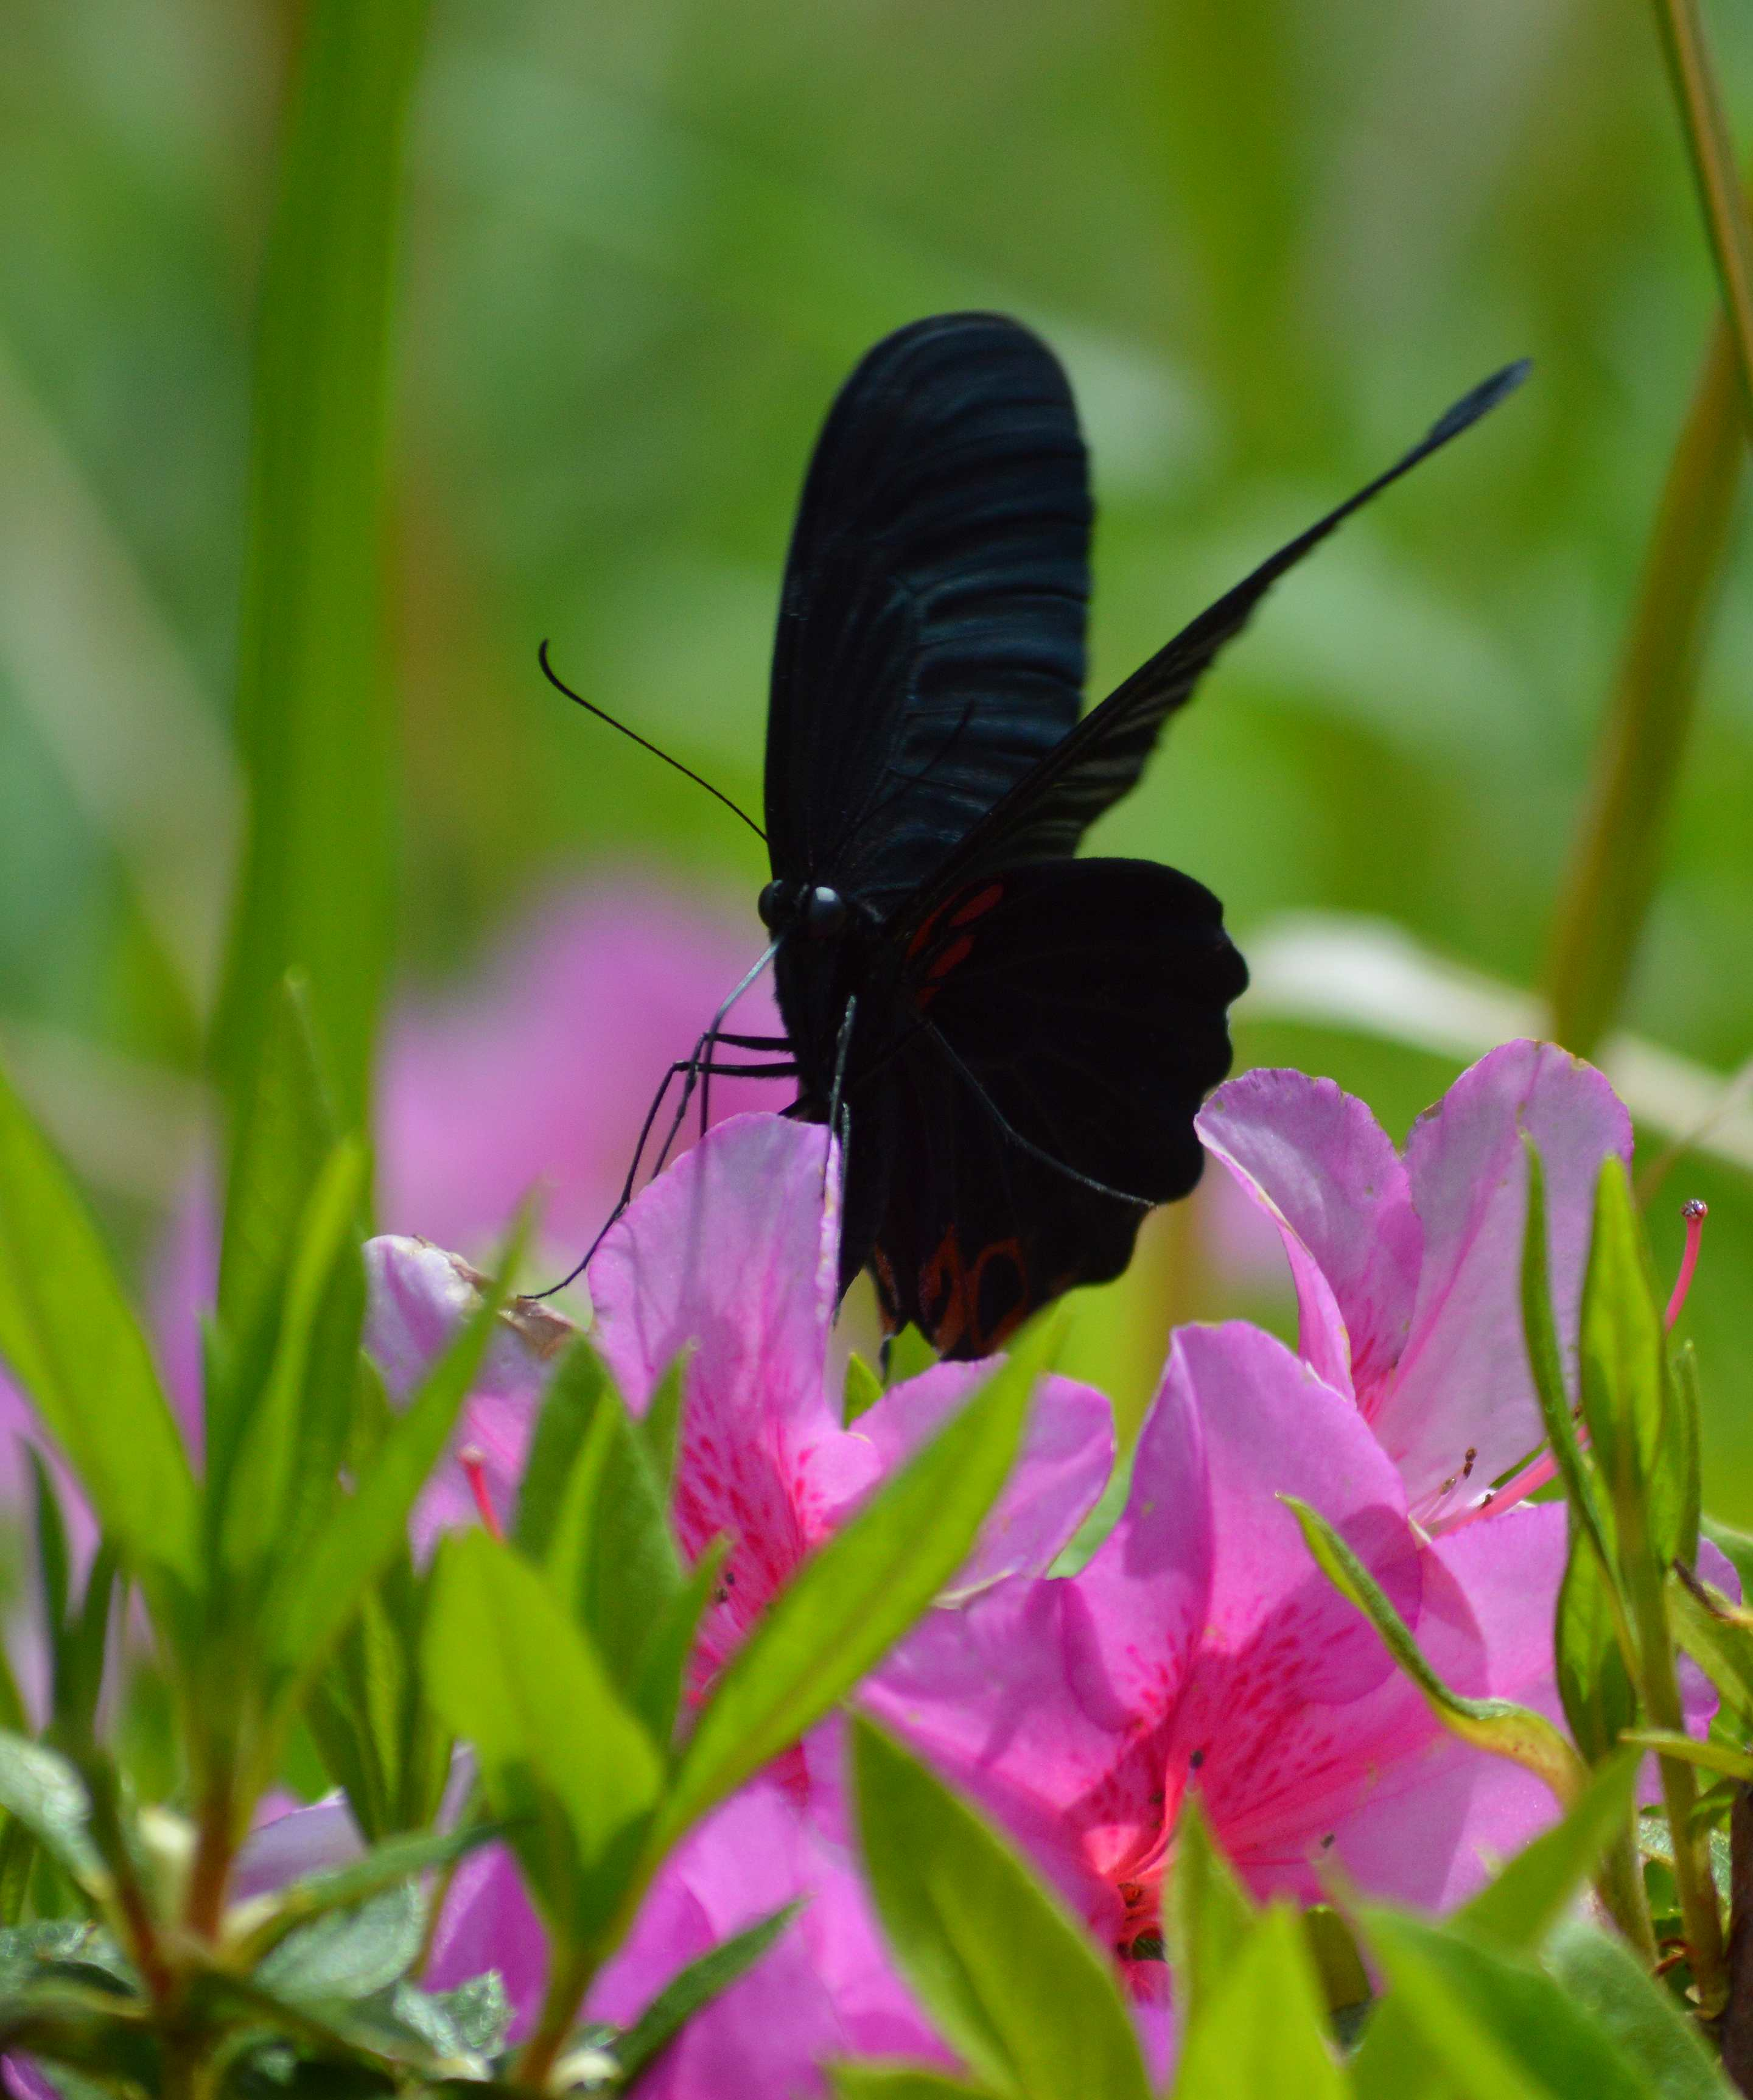 ナガサキアゲハ 超巨大な蝶です_d0254540_13389.jpg